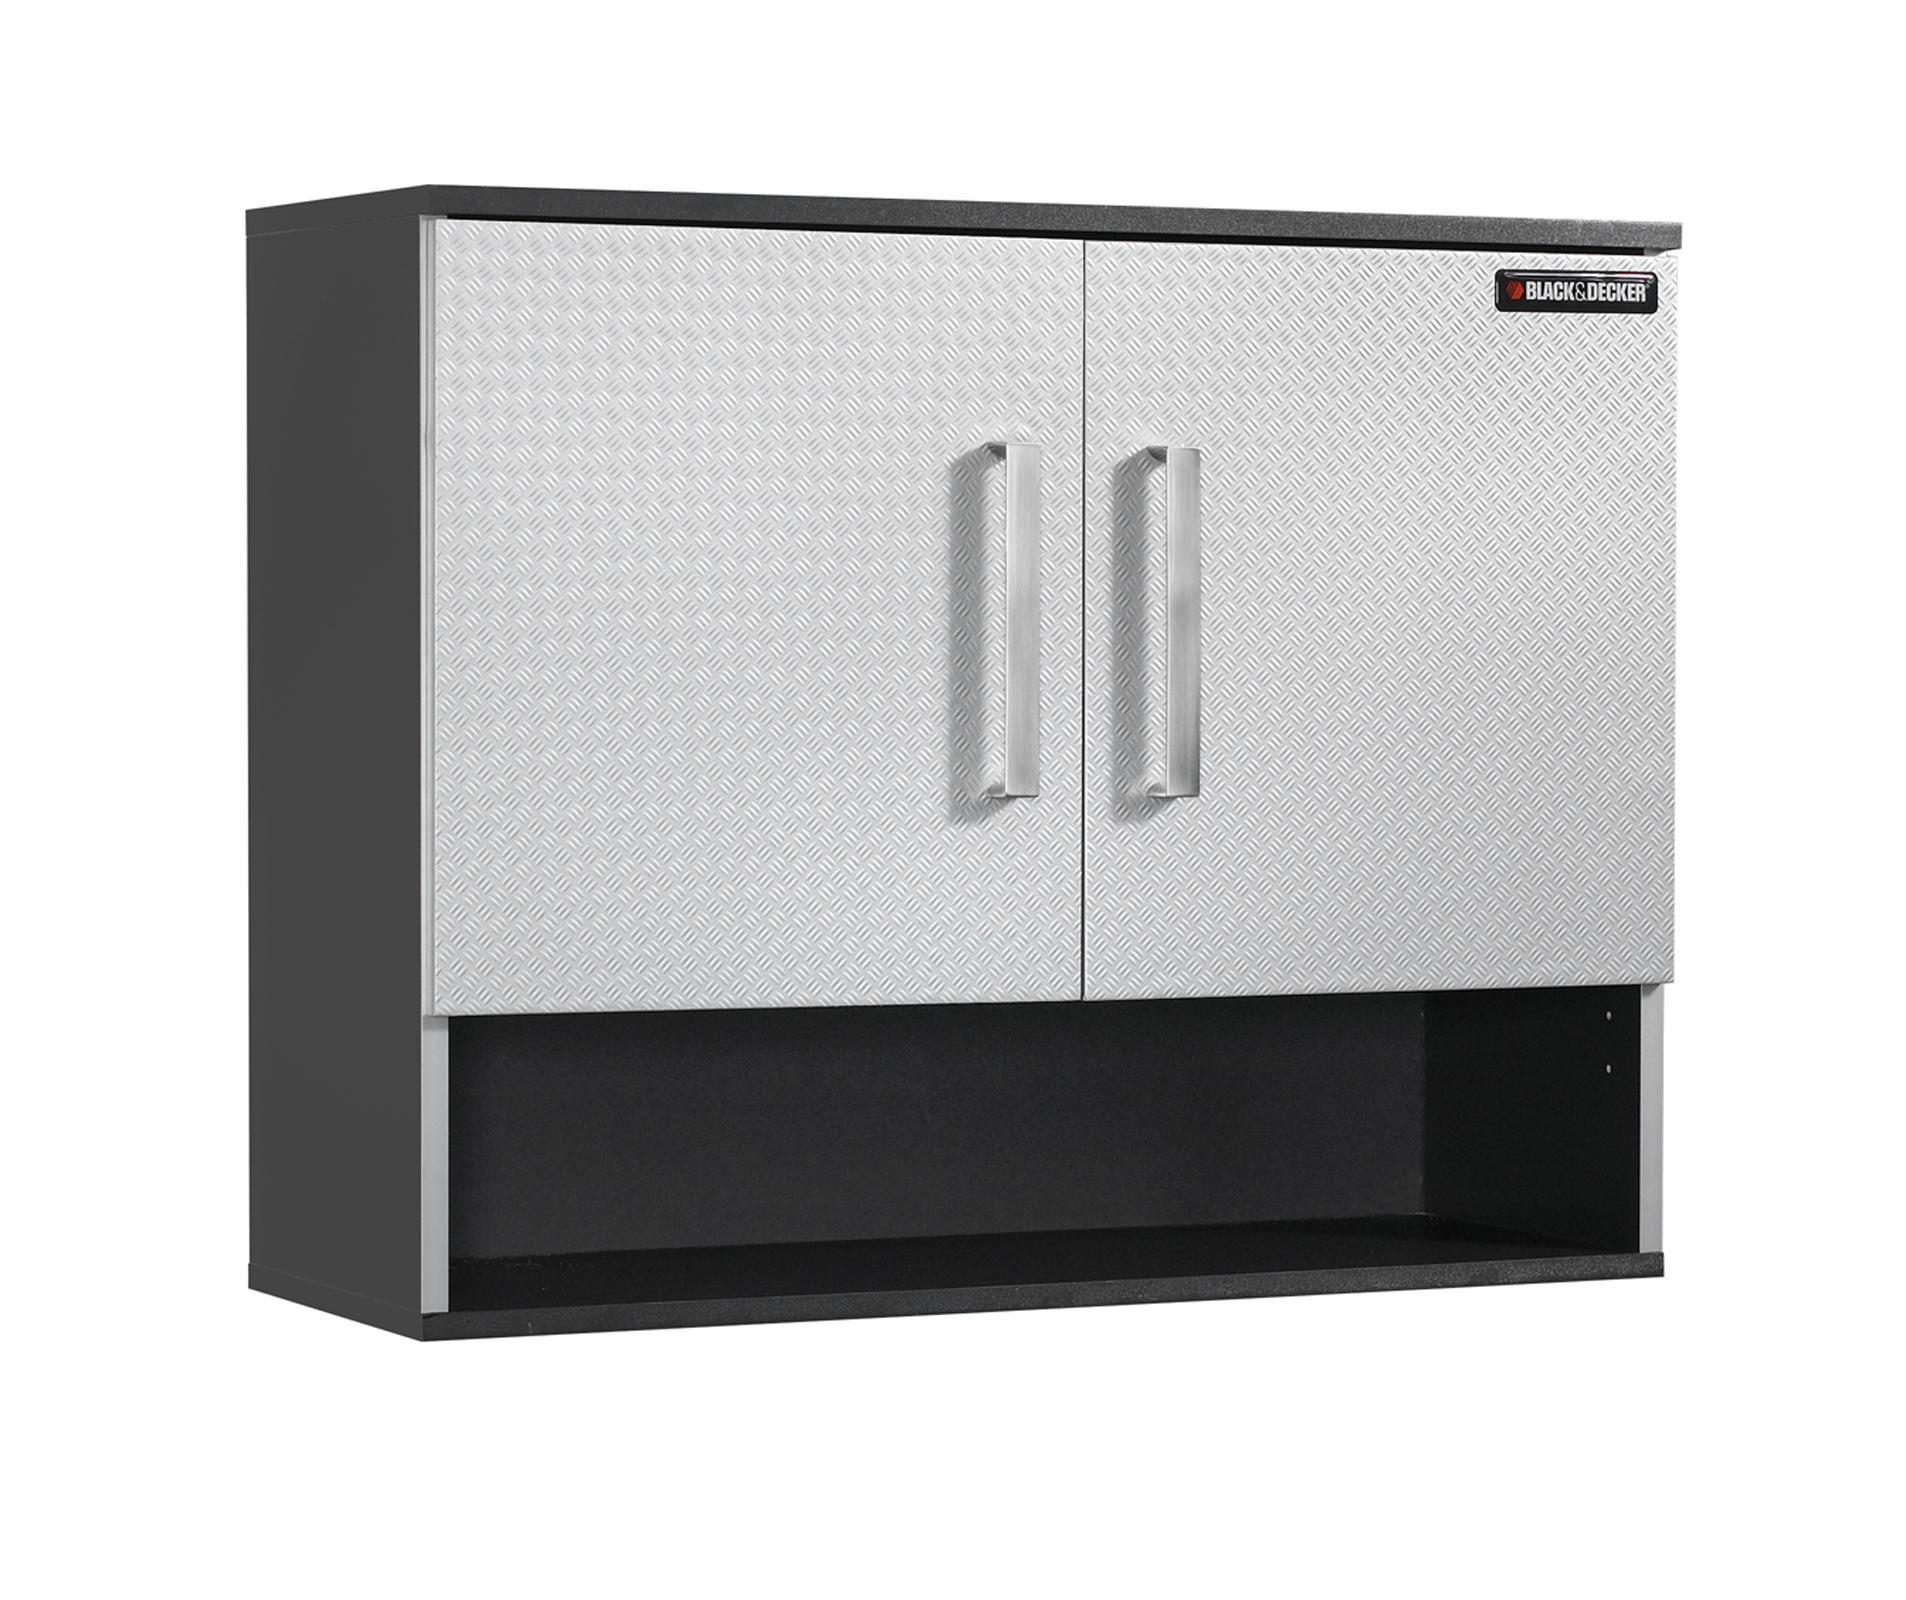 Homestar Black & Decker Linen Open Shelf Wall Cabinet , 31.25'' x 11.75'' x 24.88'', Charcoal Stipple